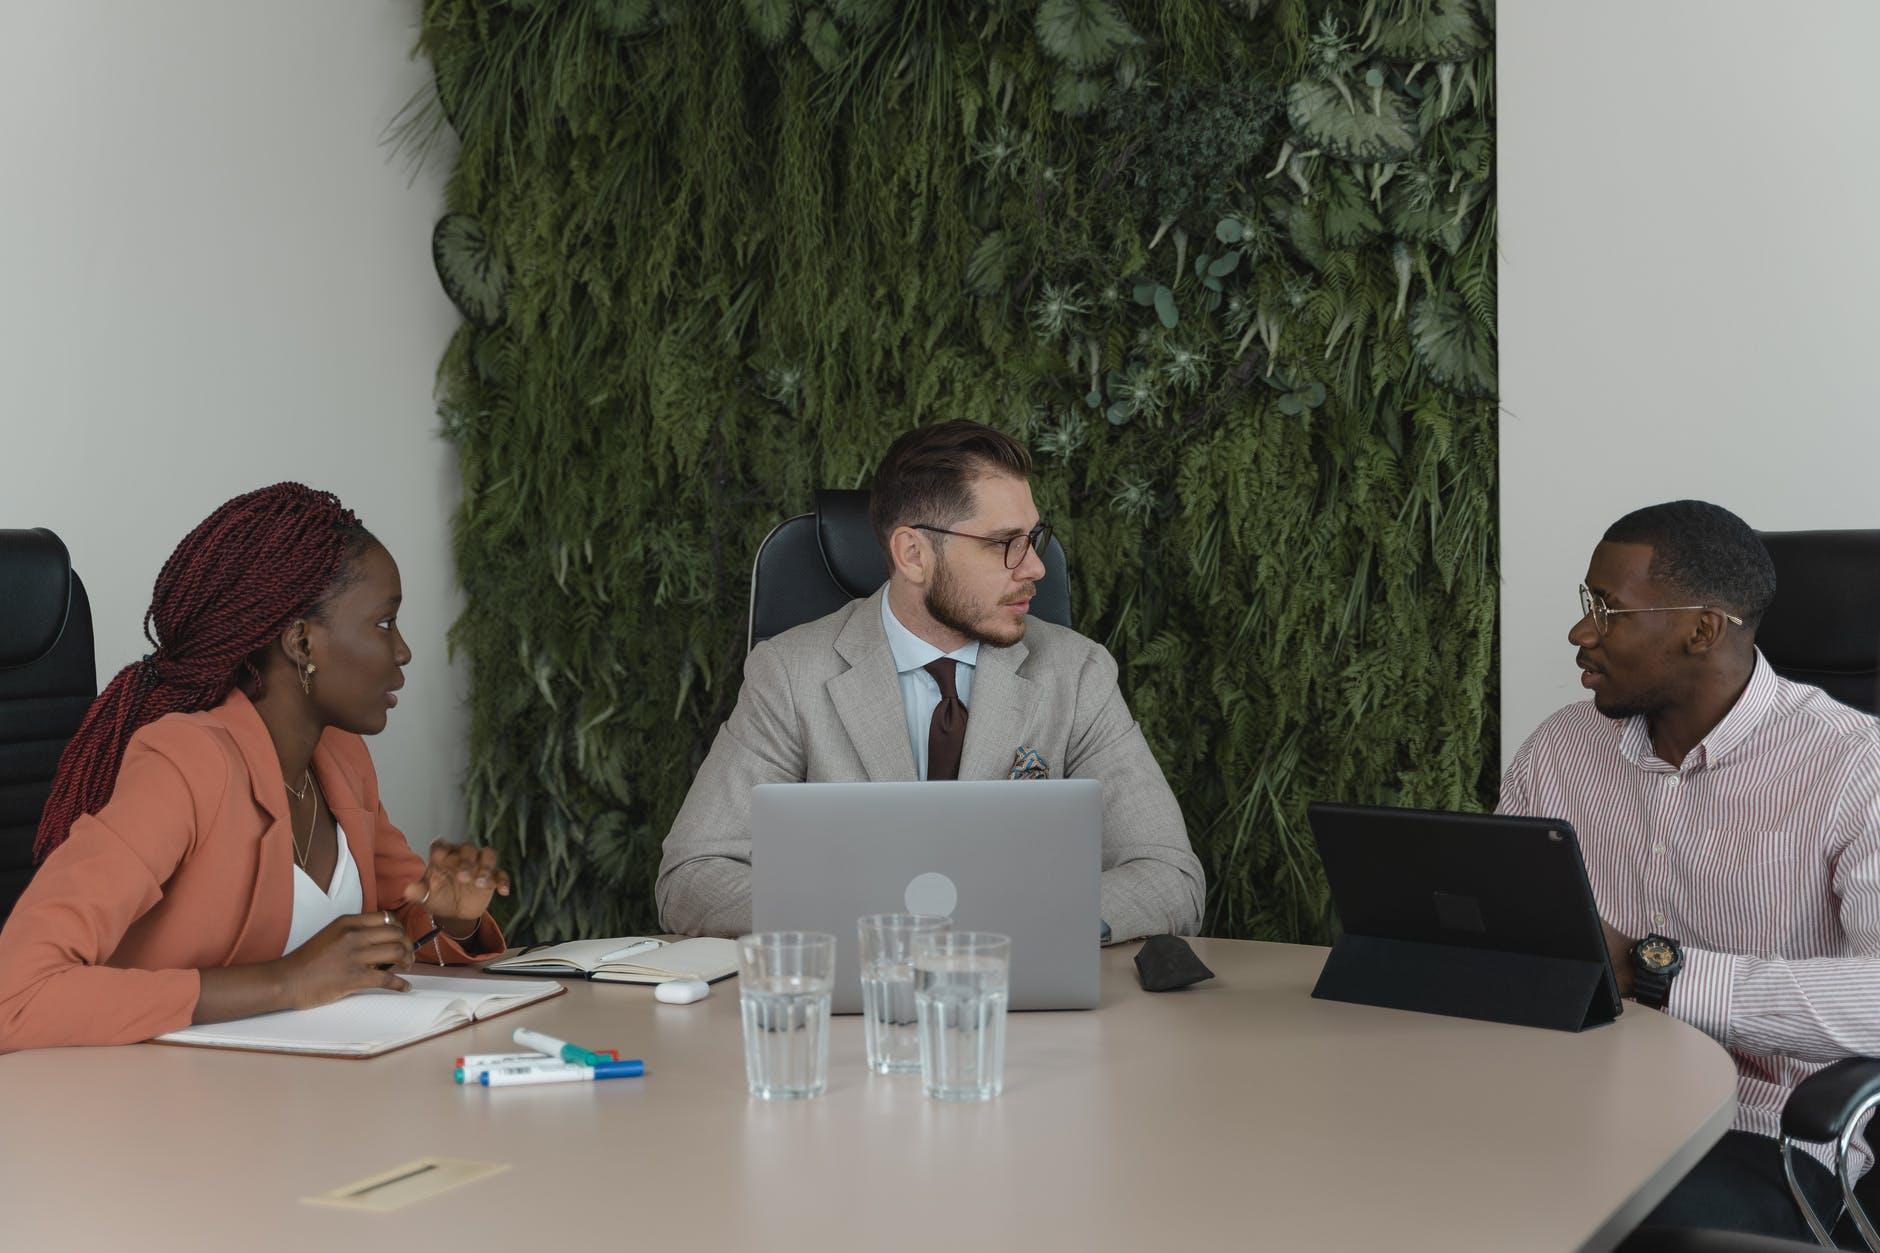 Des personnes assis dans une salle d'attente pour passer un entretien d'embauche